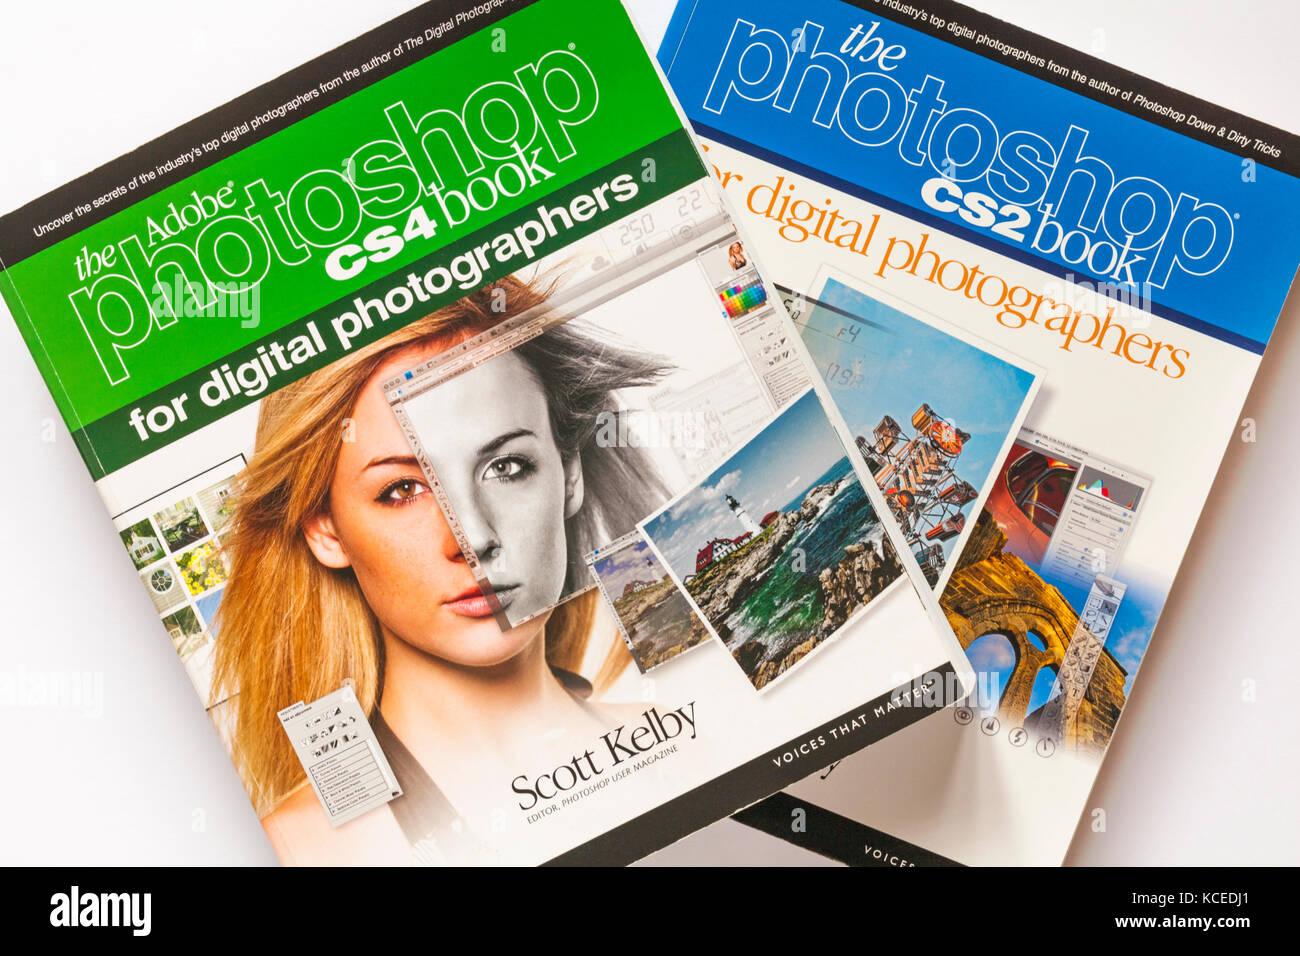 Fotografie Bücher Die Adobe Photoshop Cs4 Buch Für Digitale